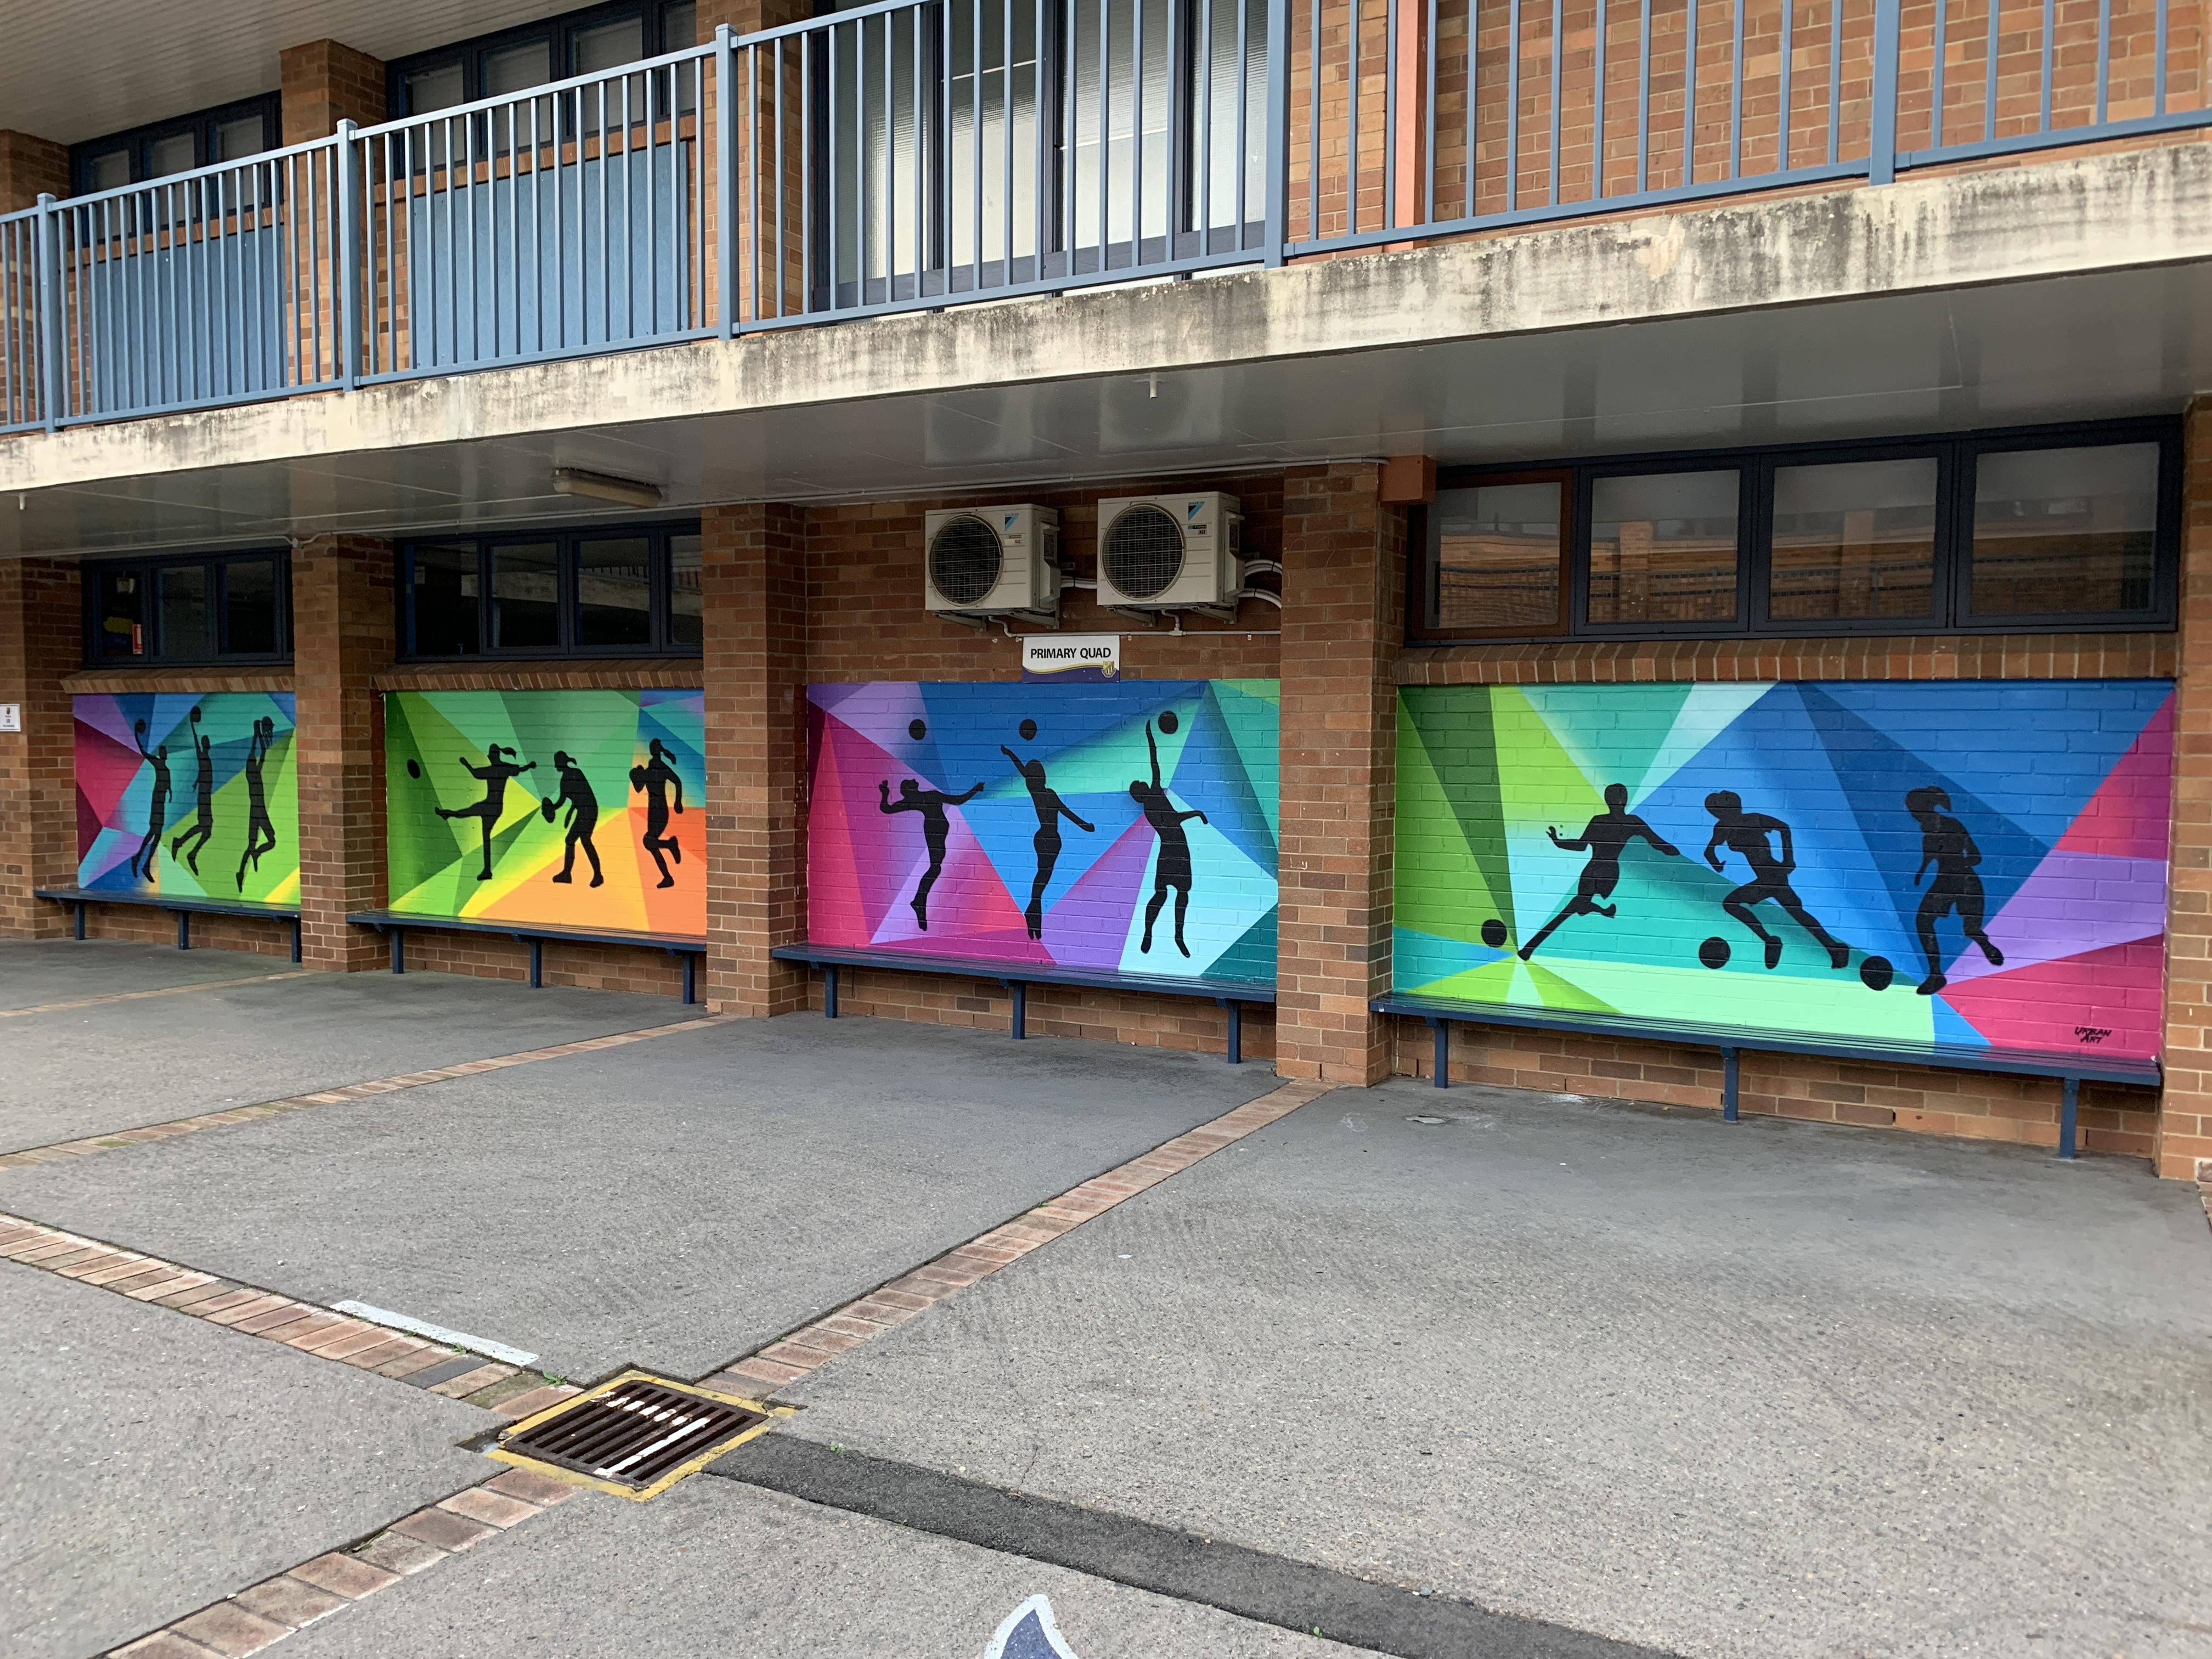 School Sport Graffiti Art Mural